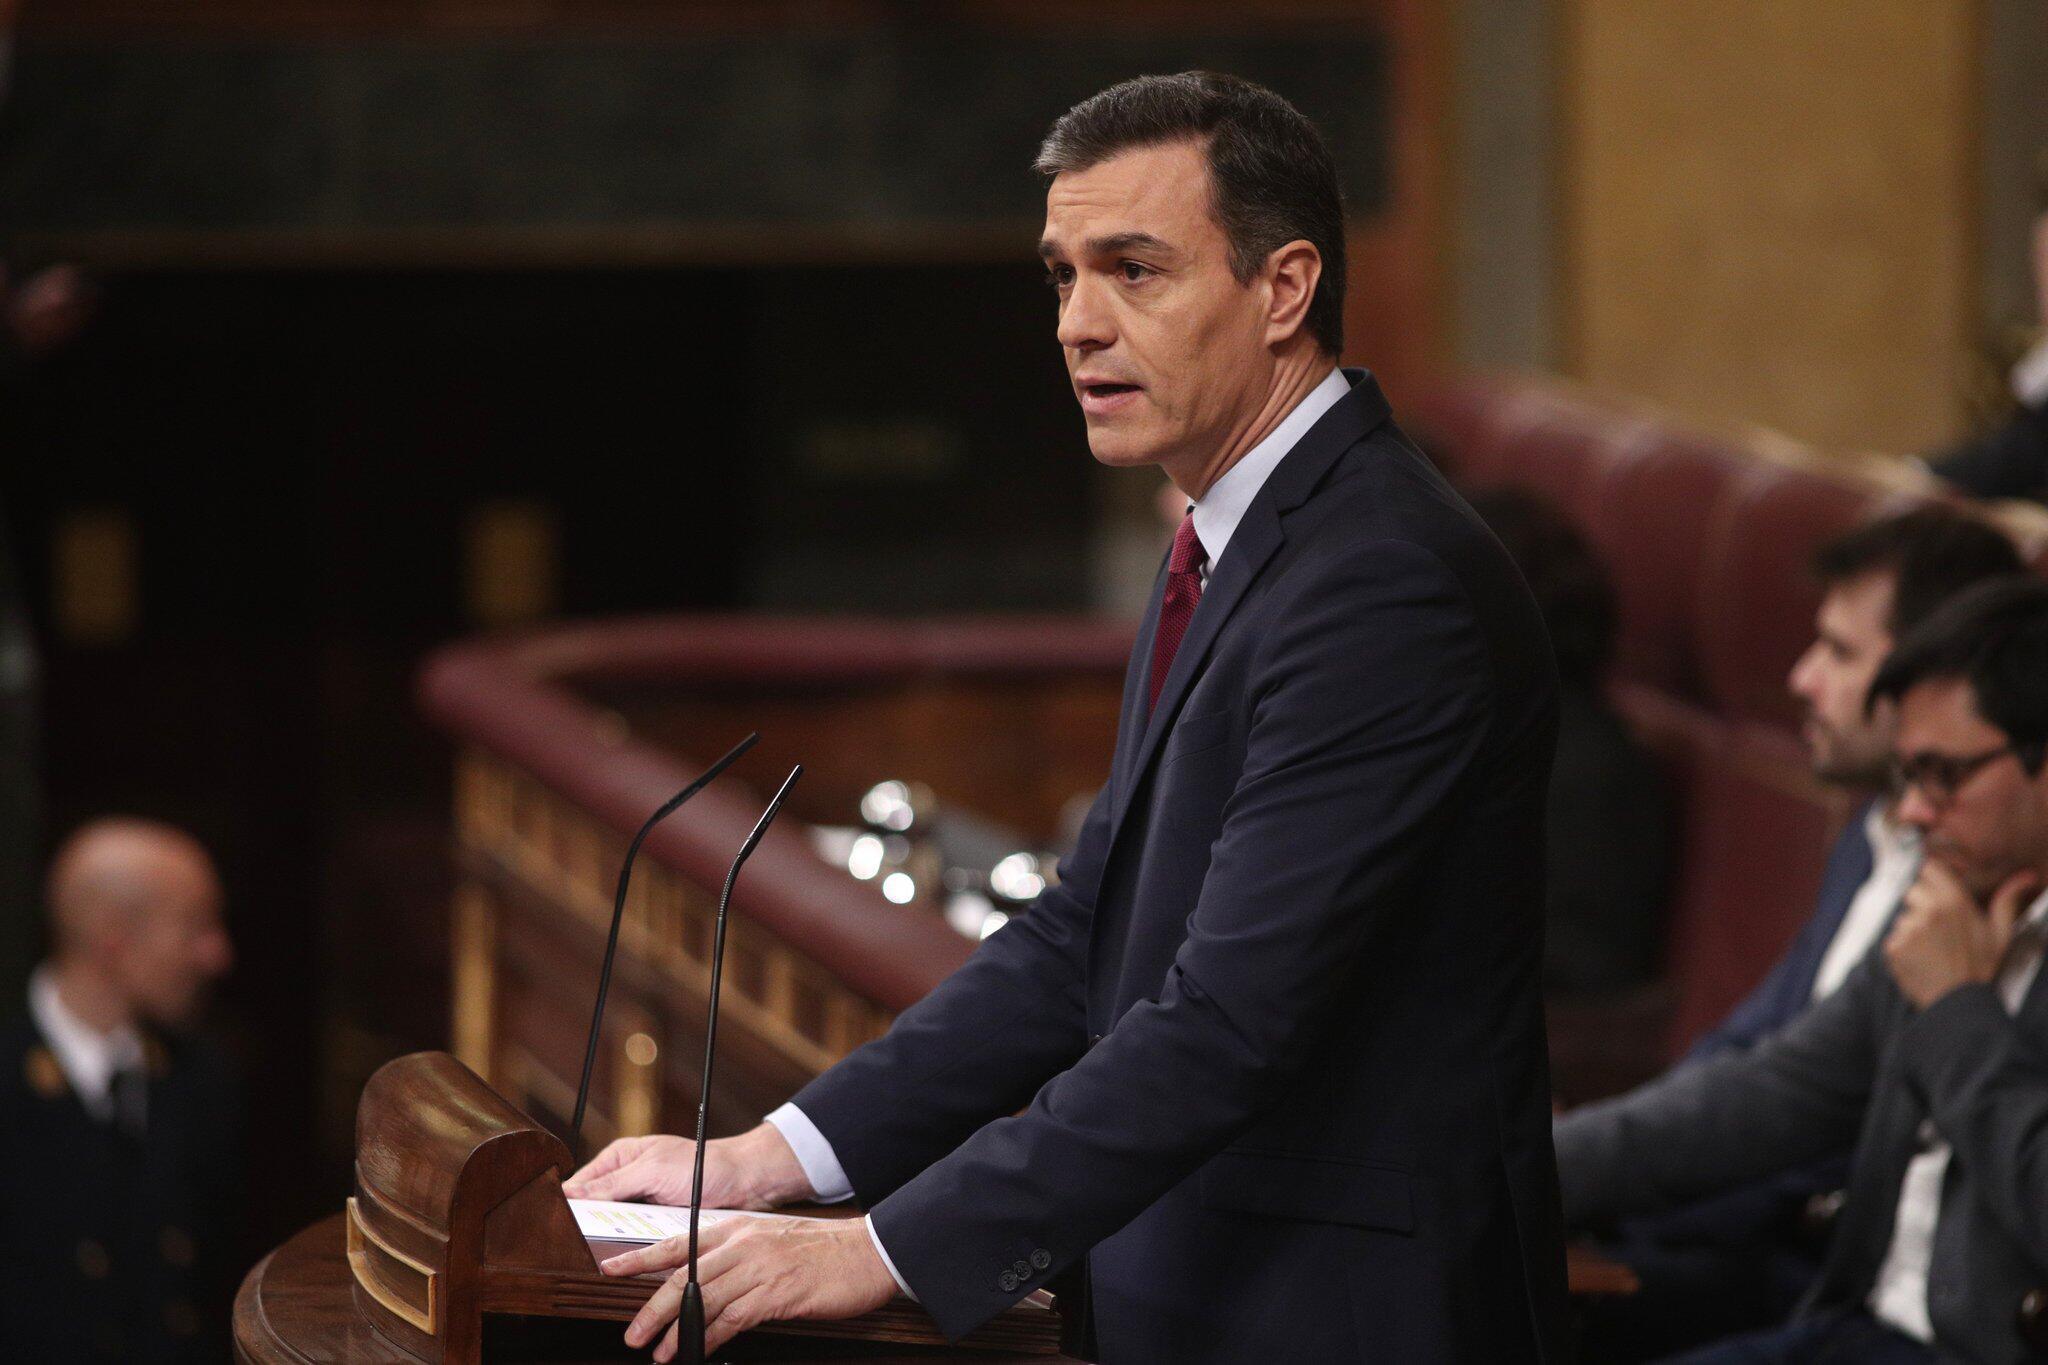 Pedro Sánchez ist neuer spanischer Regierungschef